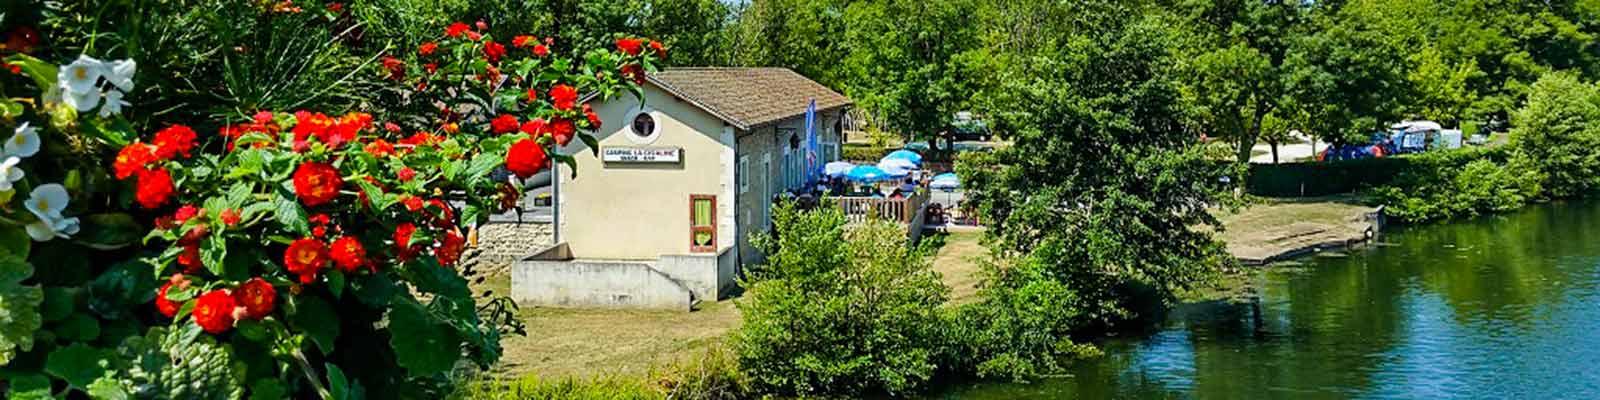 Camping au croisement de la Dordogne de la Gironde et de la Charente